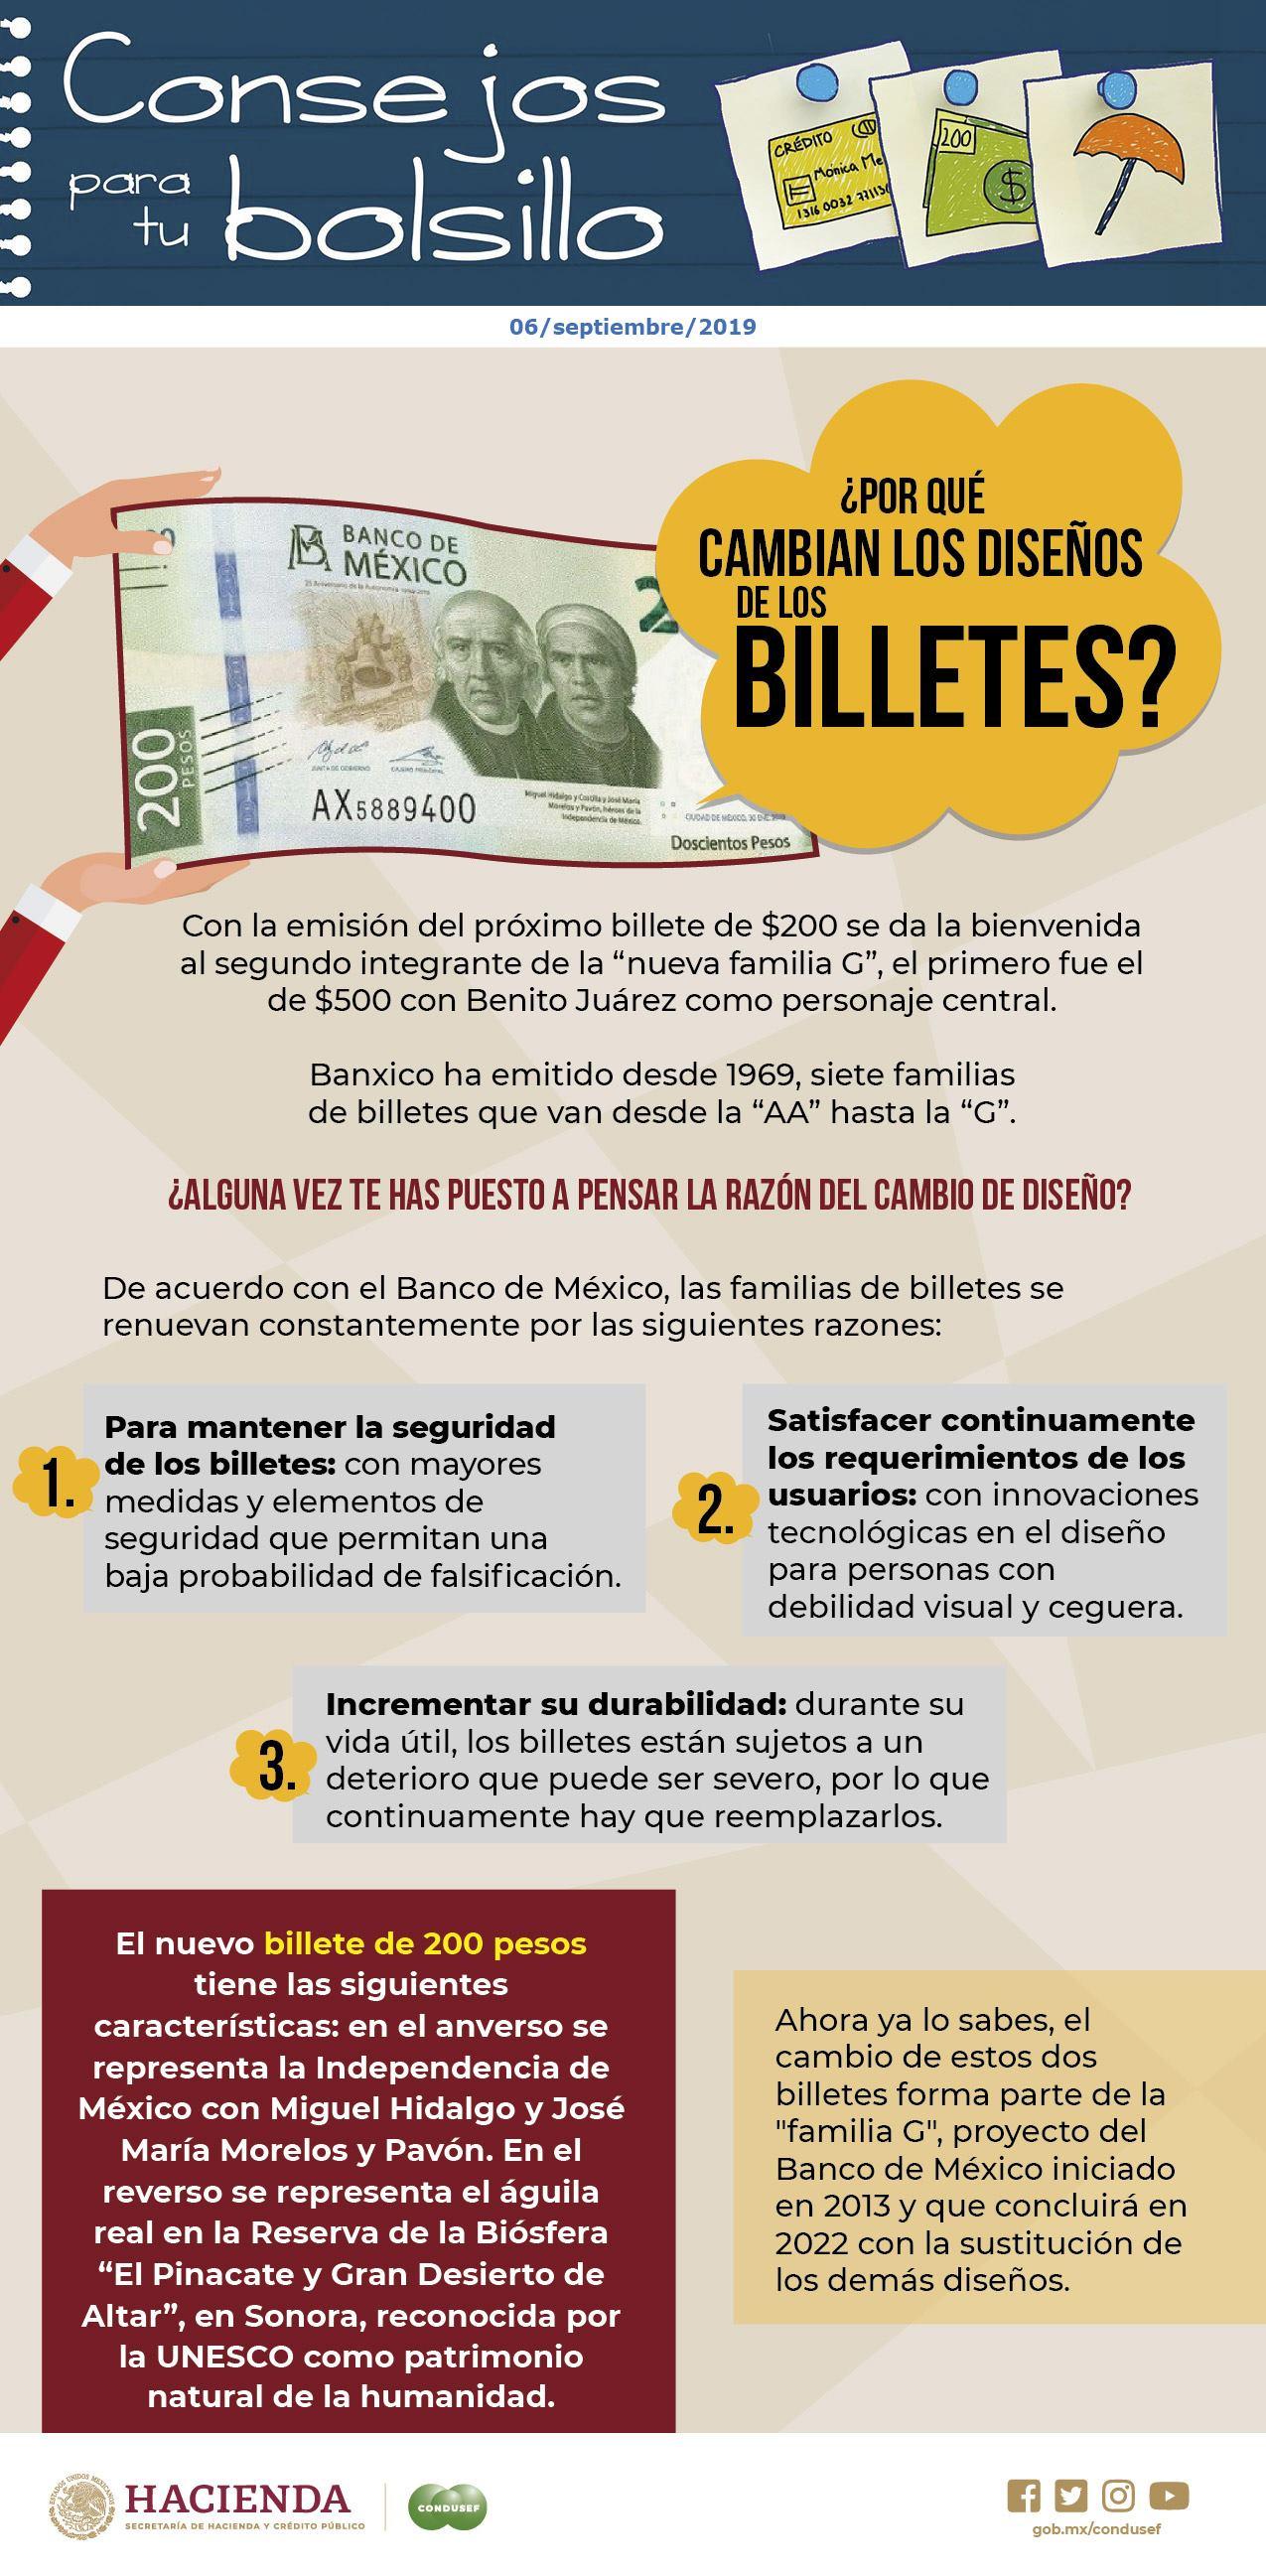 ¿Por qué cambian los diseños de los billetes?